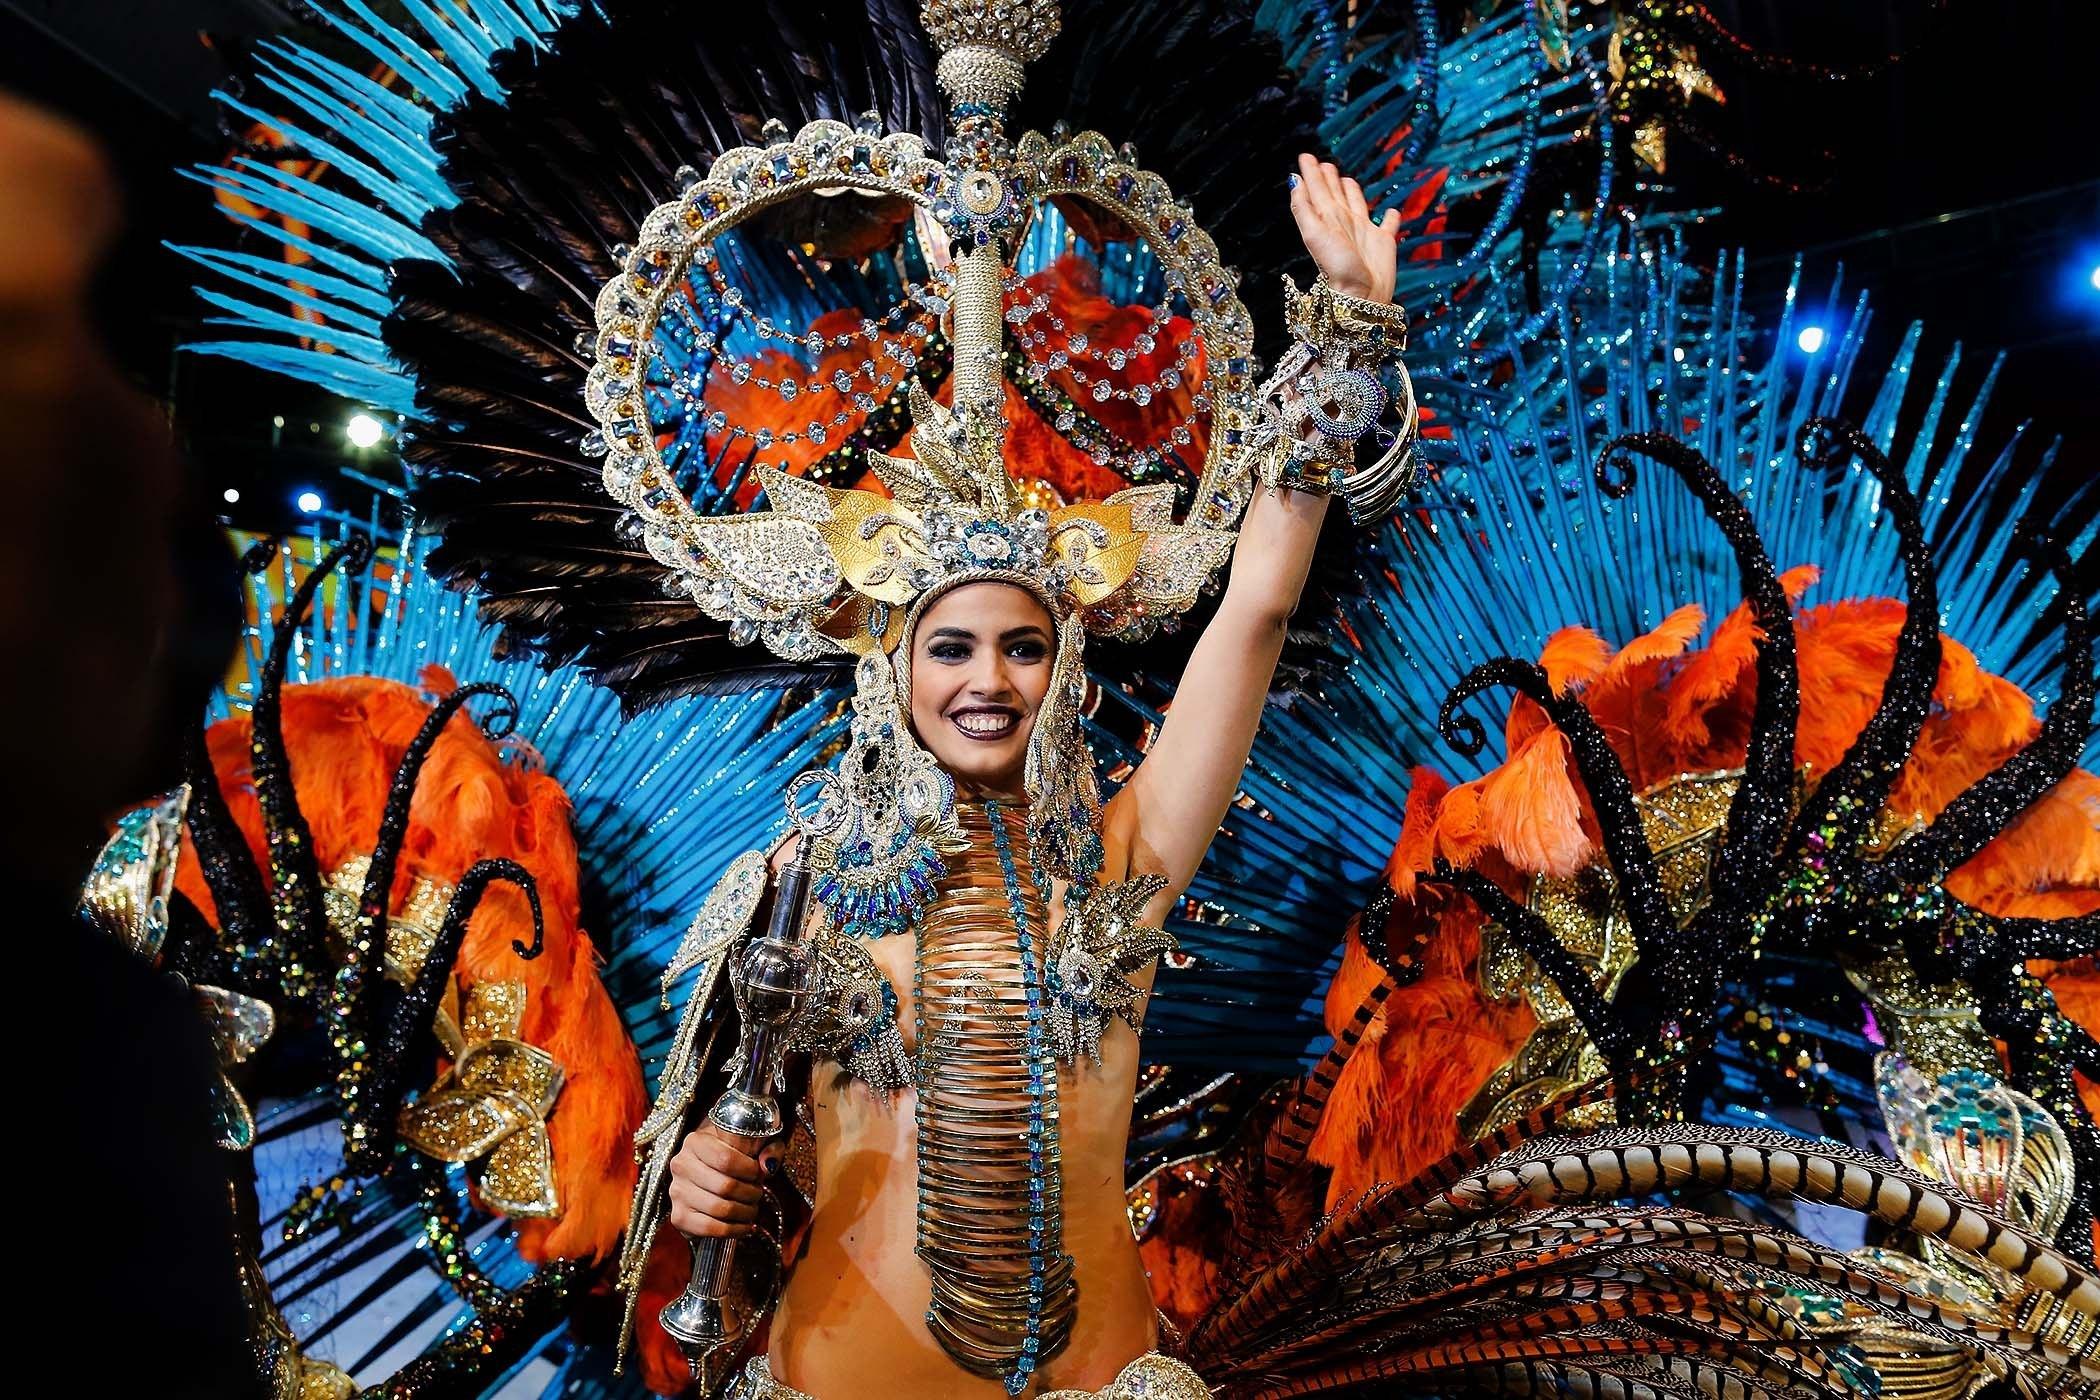 Mejores Carnavales de Europa en 2019